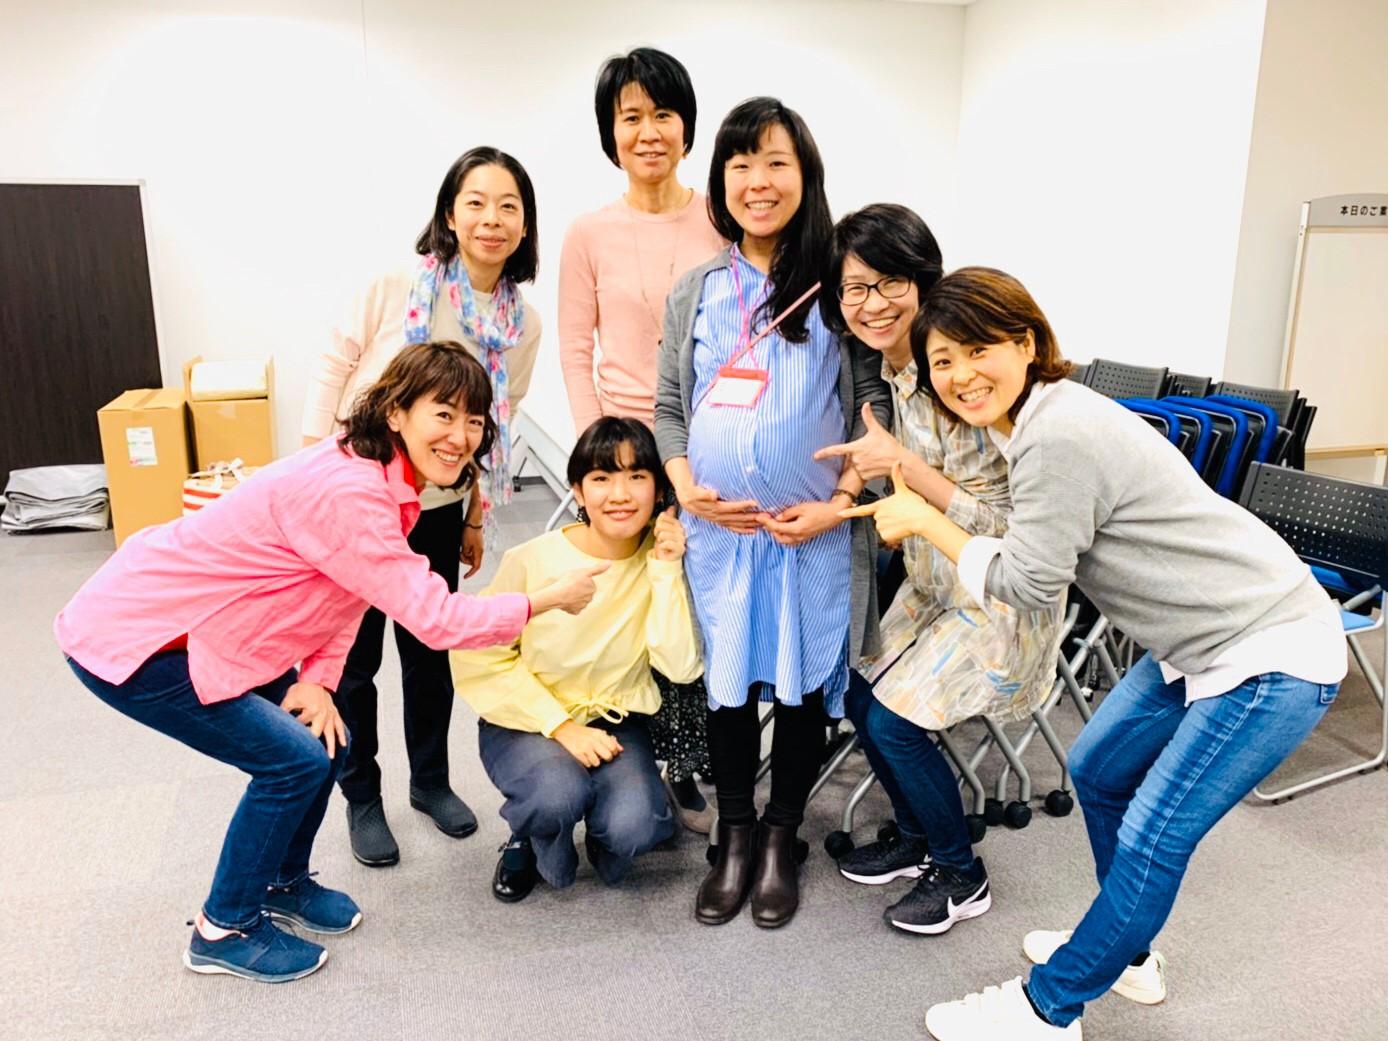 2020/3/24 1010HAPPY 藤沢クラス Fグループ